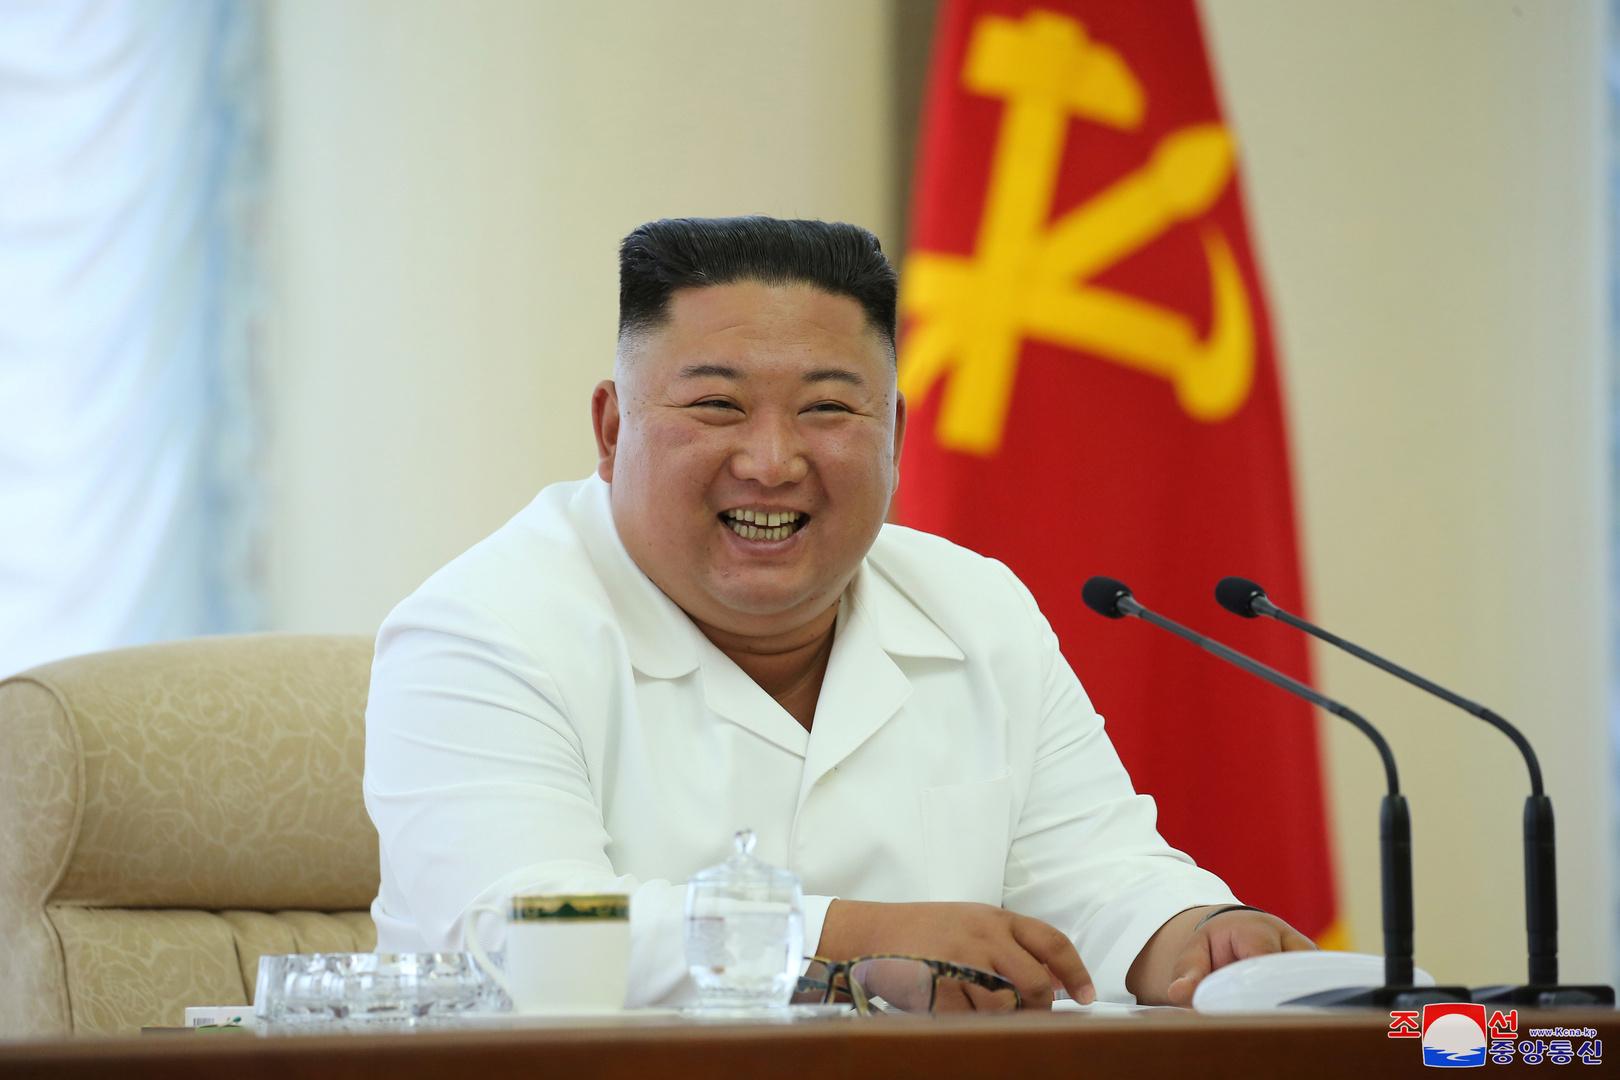 كيم جونغ أون، زعيم كوريا الشمالية